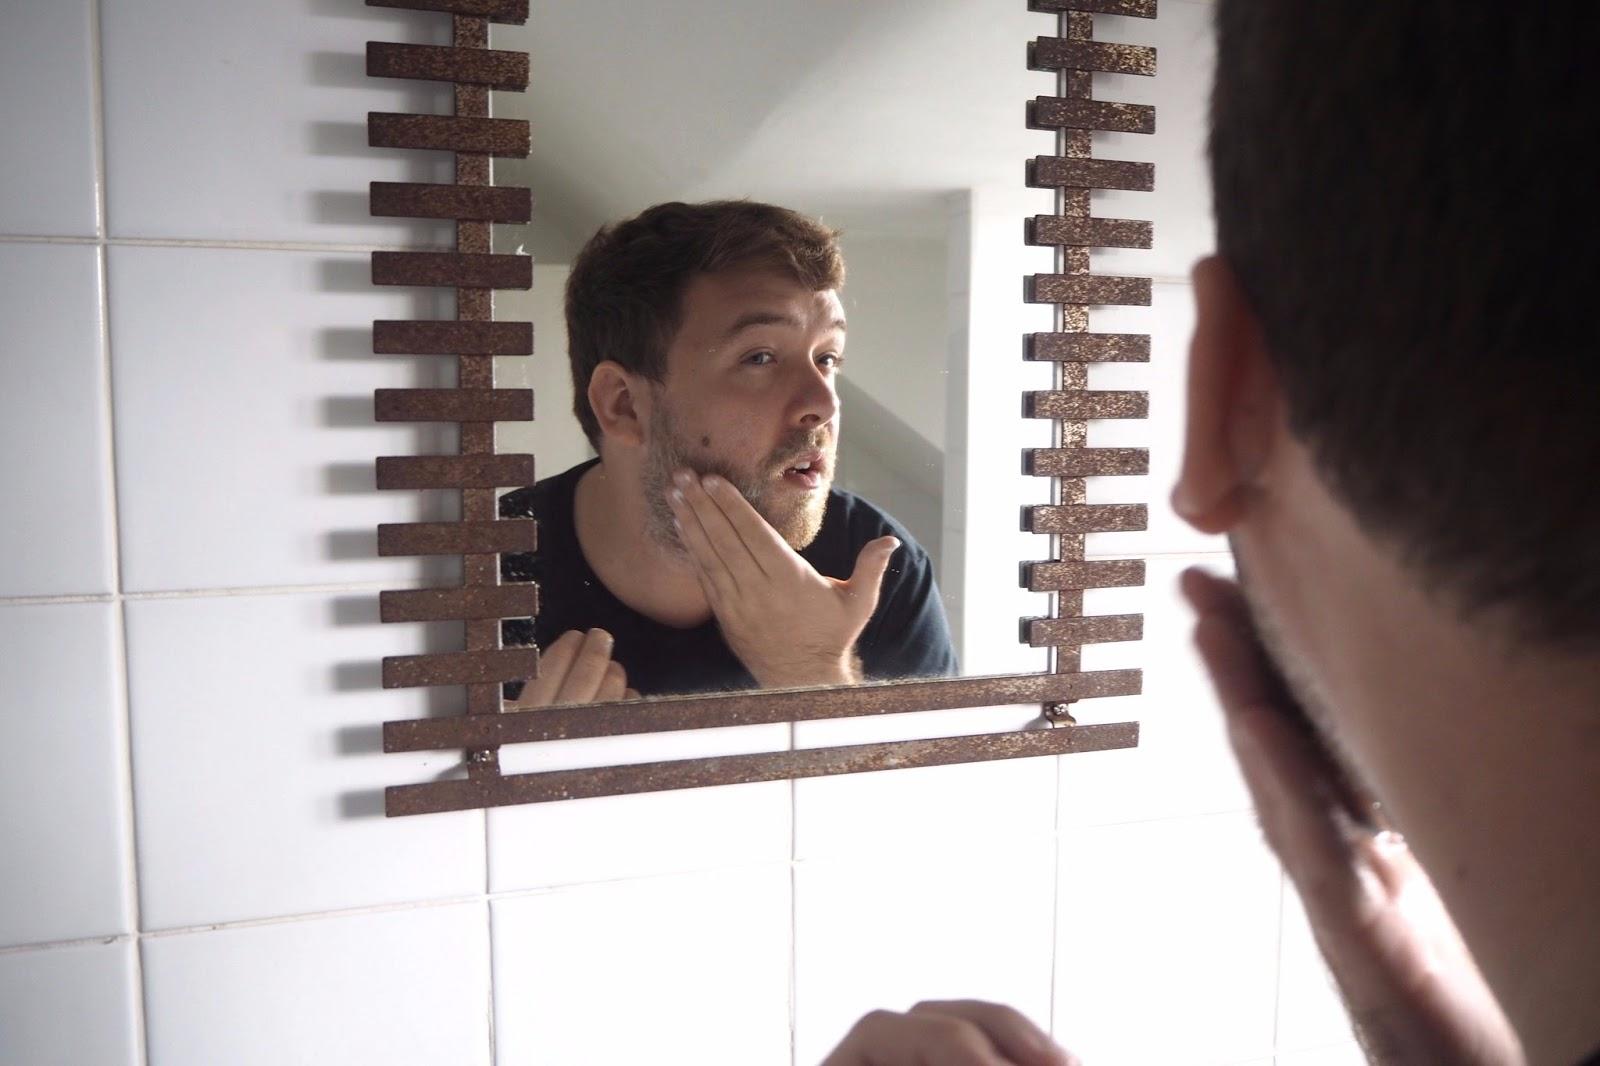 Applying face scrub